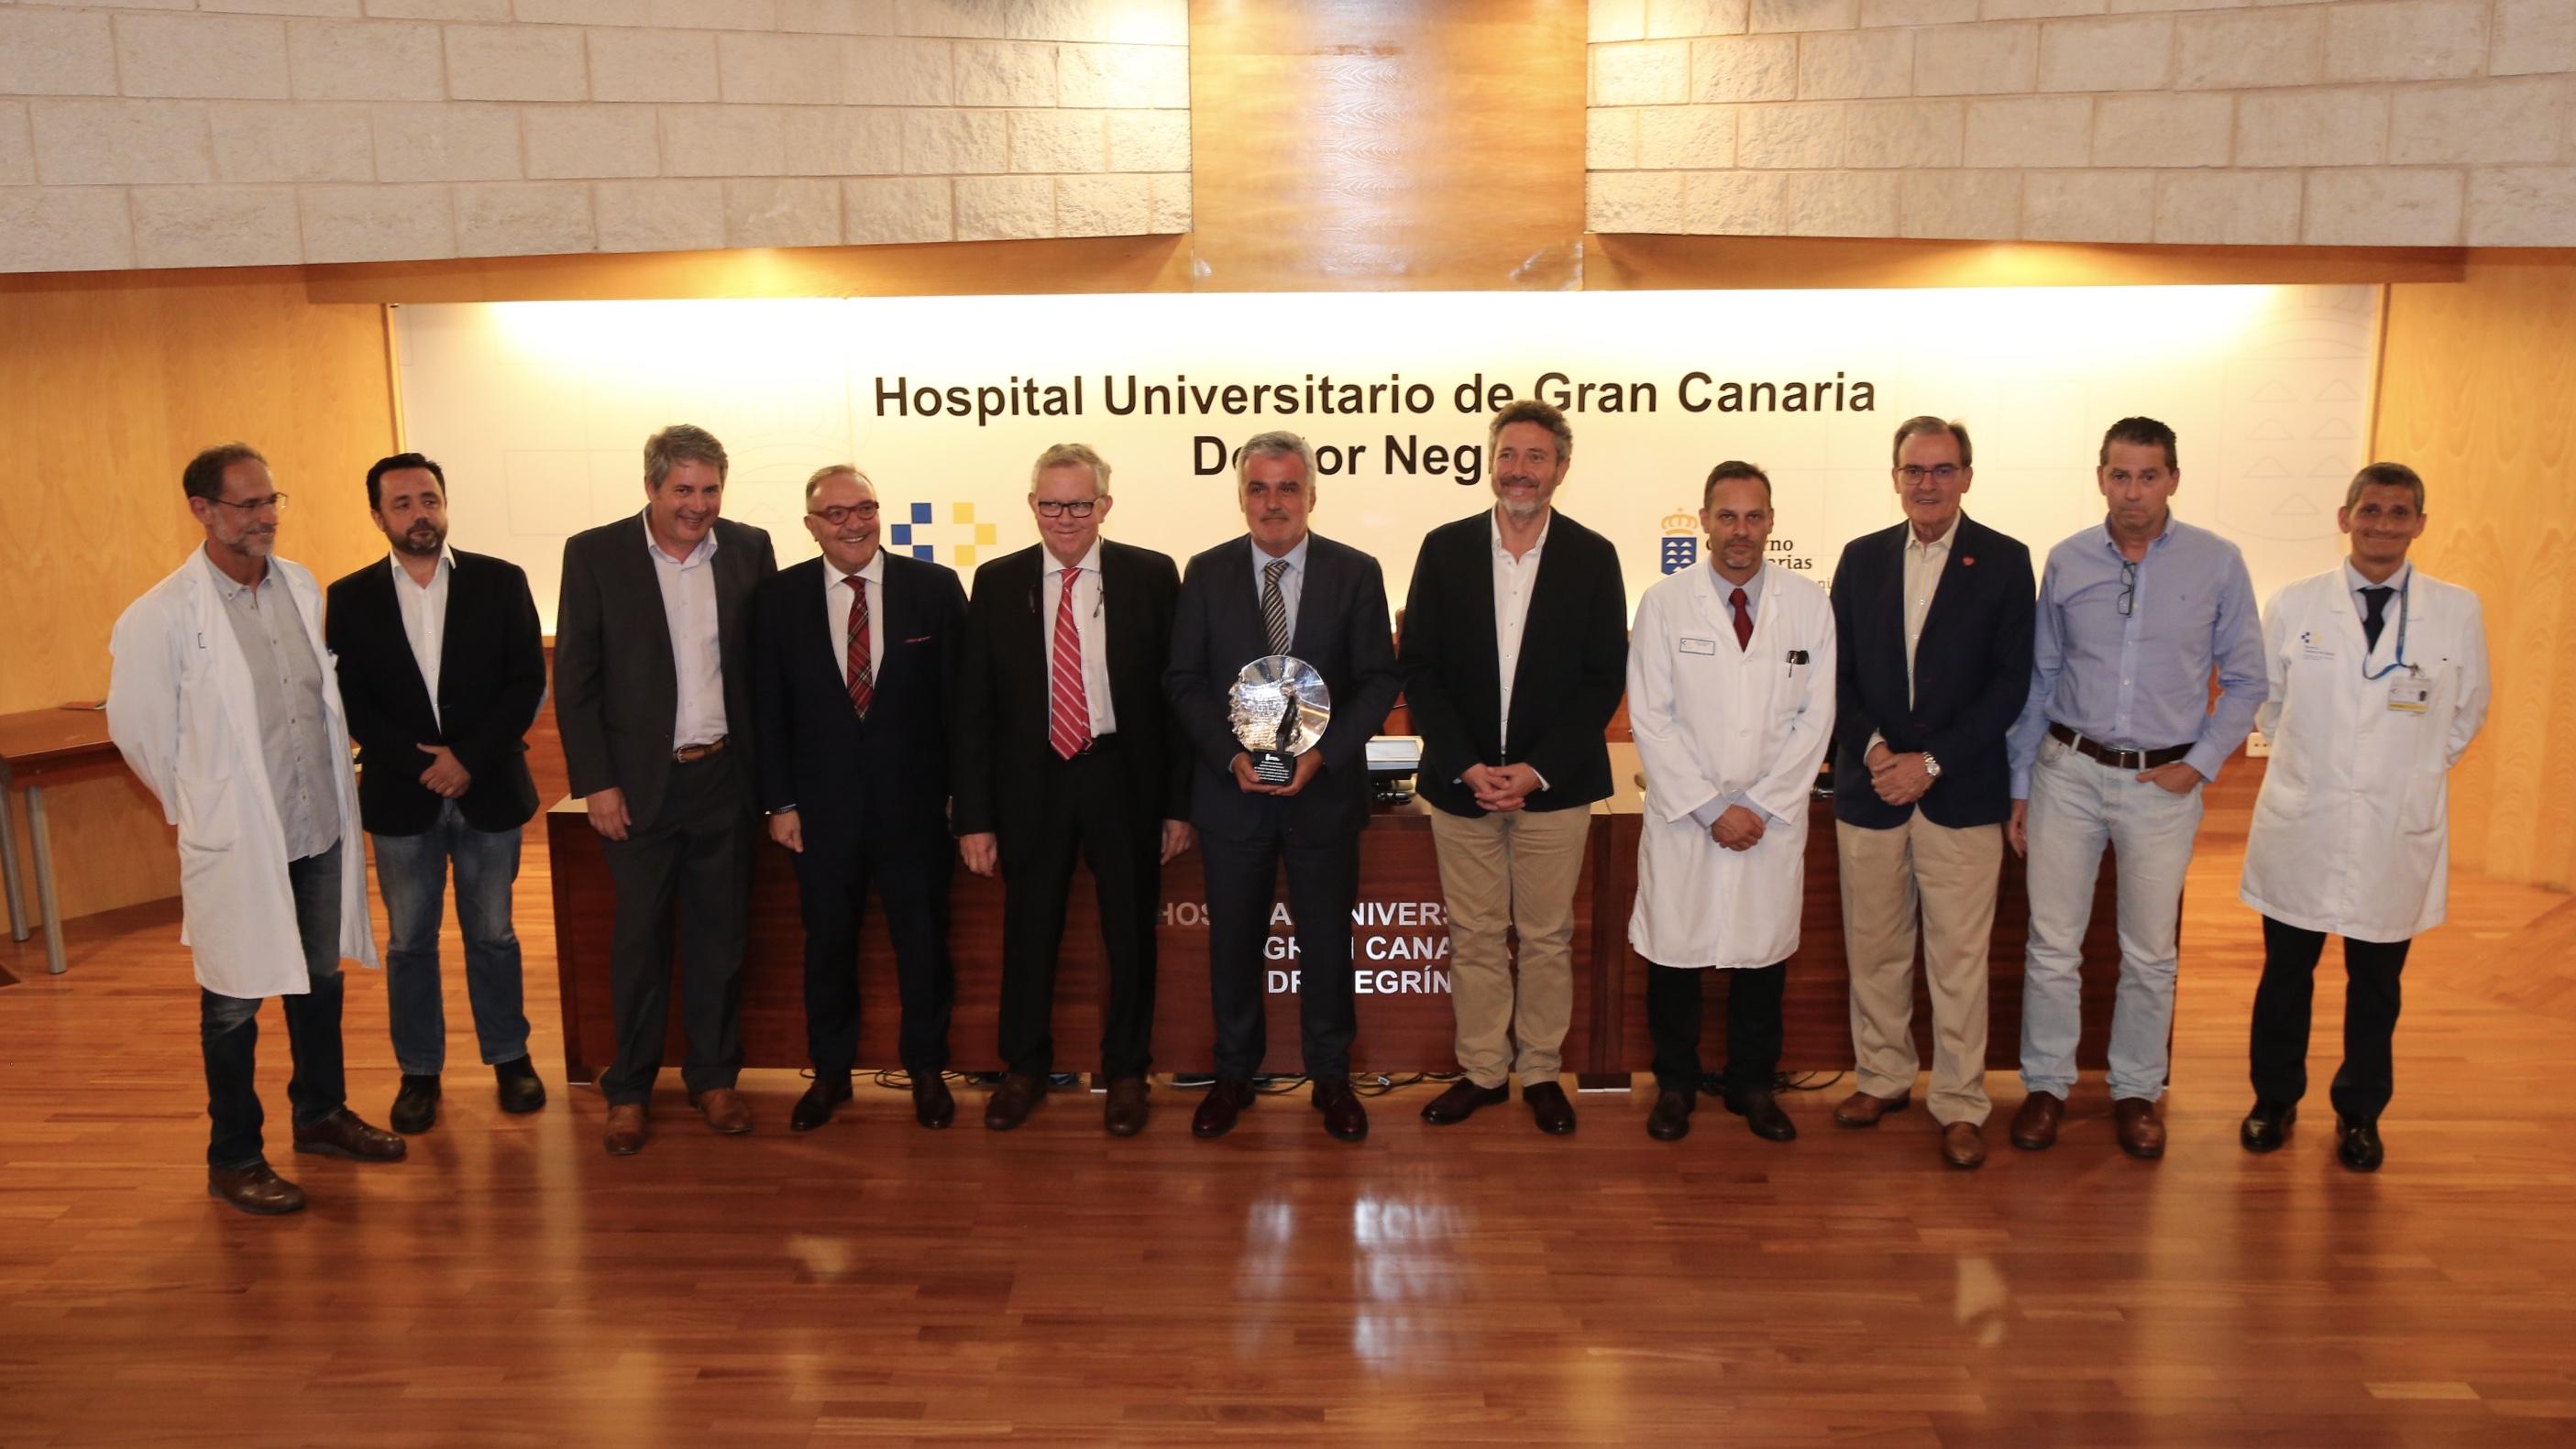 reconocimiento al Hospital Universitario 12 de Octubre de Madrid